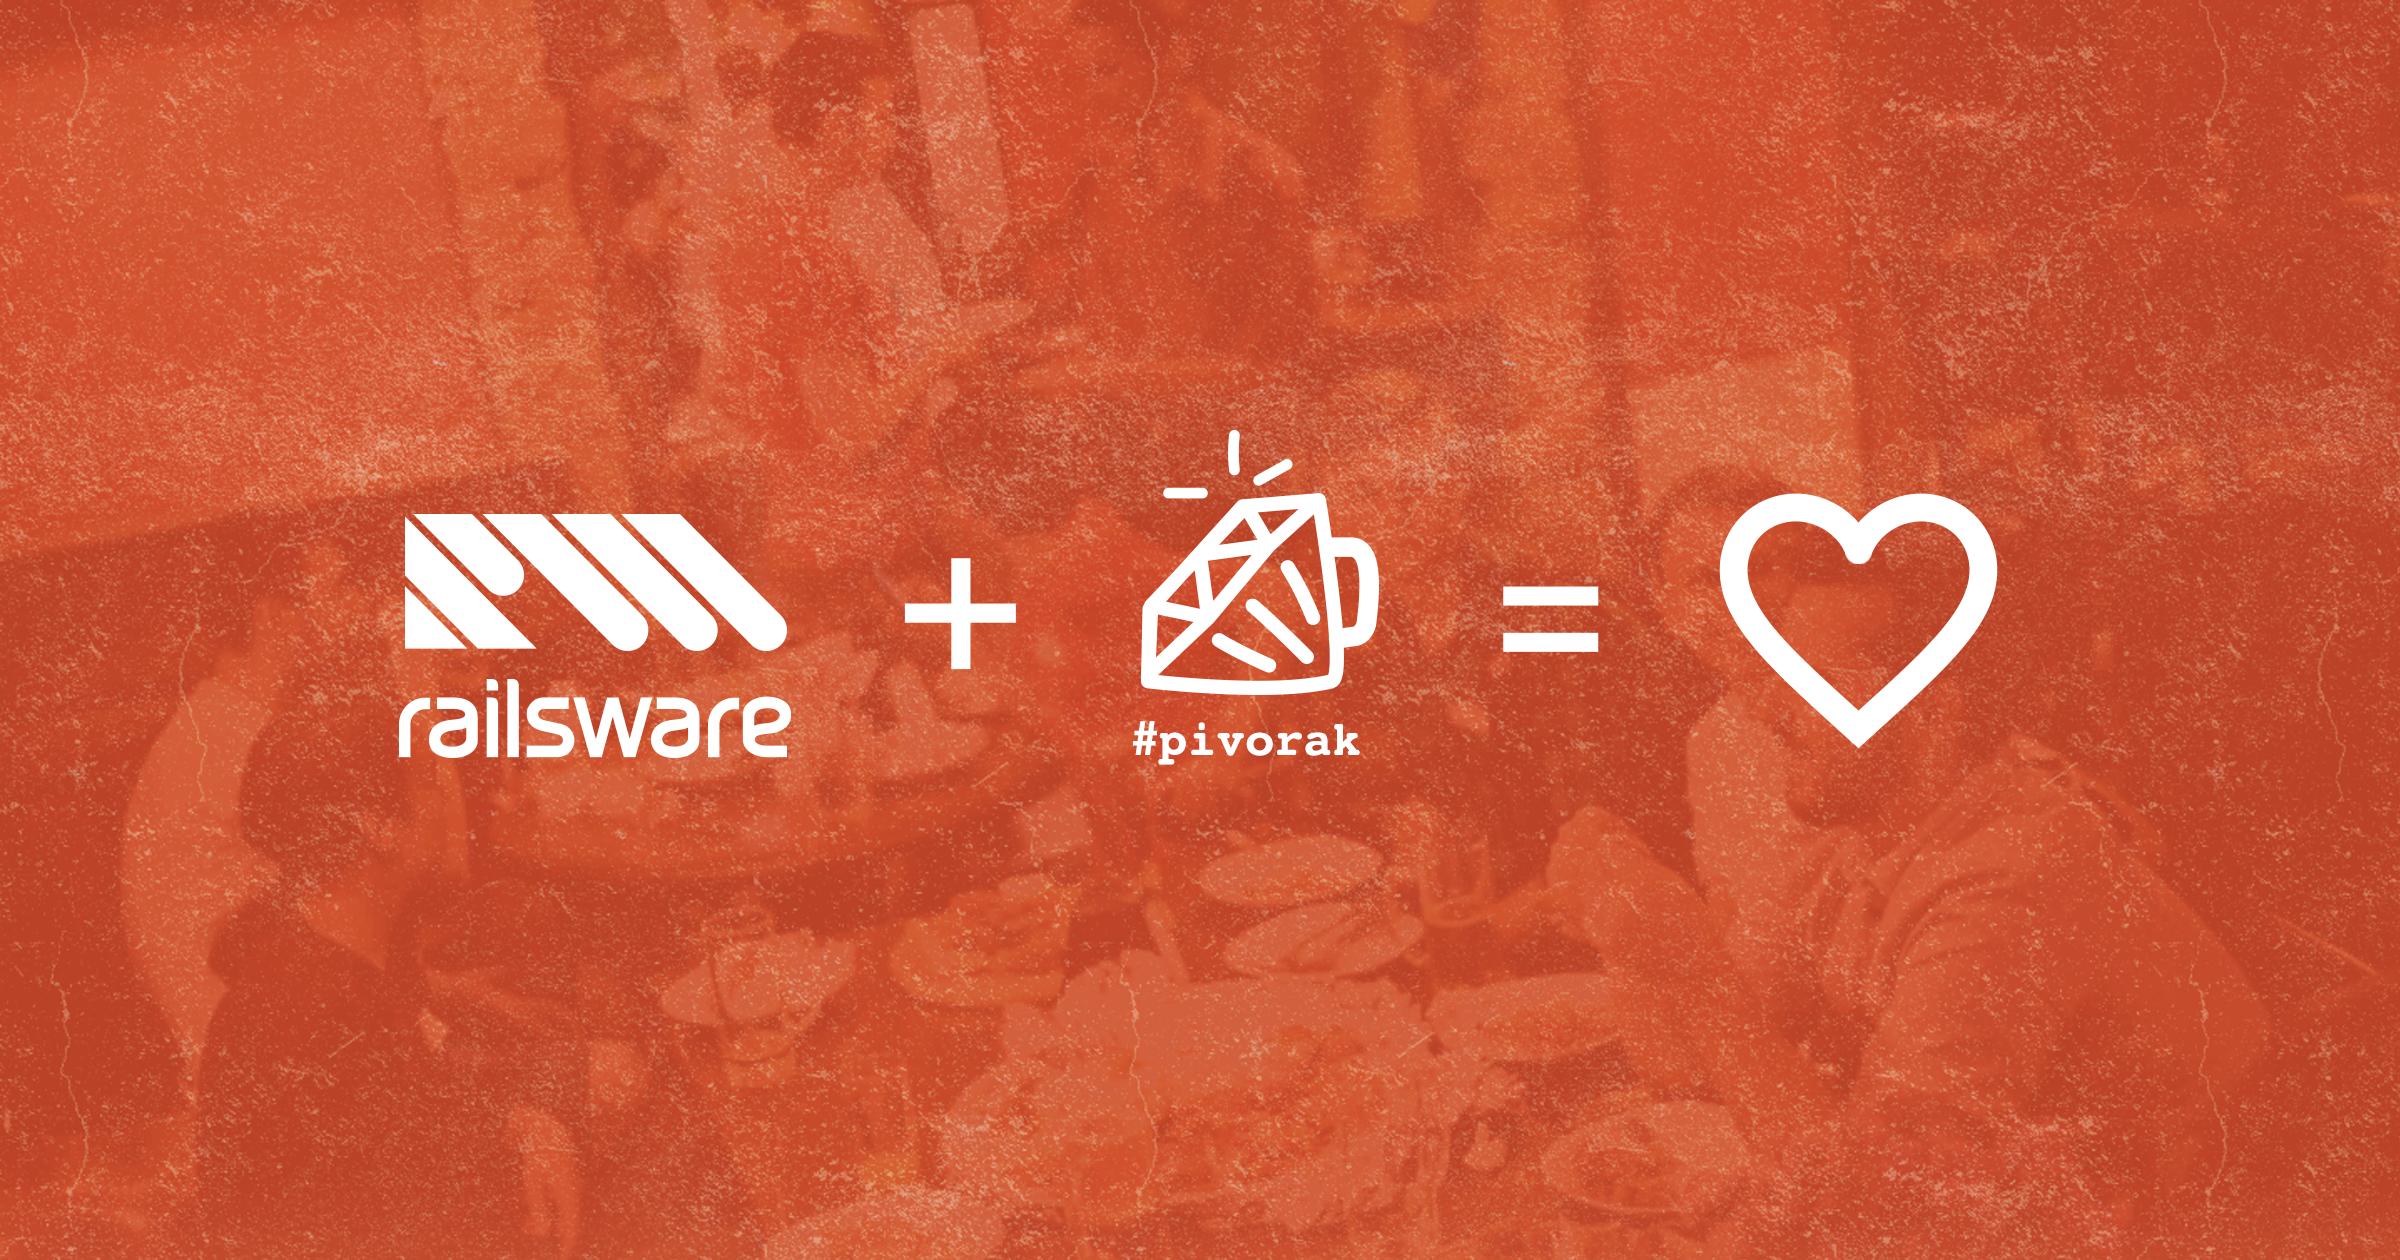 Railsware supports Pivorak first conference